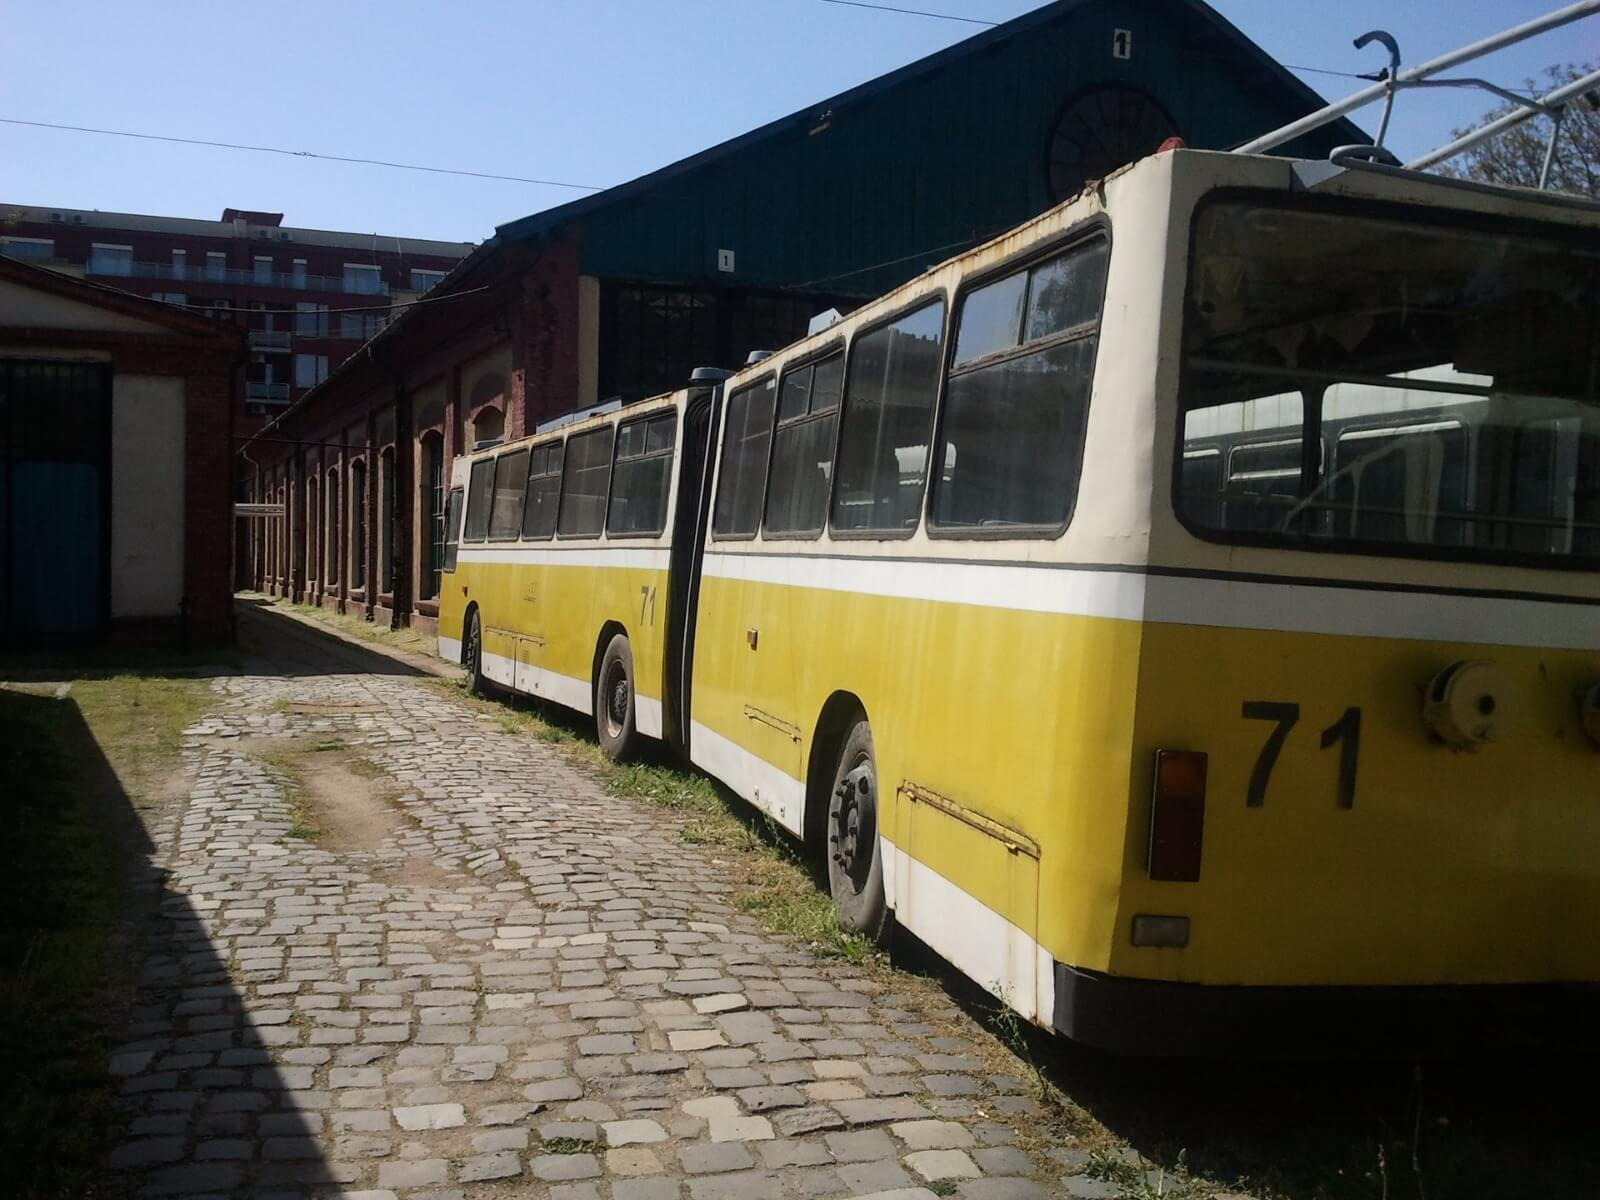 Societatea de Transport Public Timișoara e pe cale să arunce la fier vechi firobuze de colecție